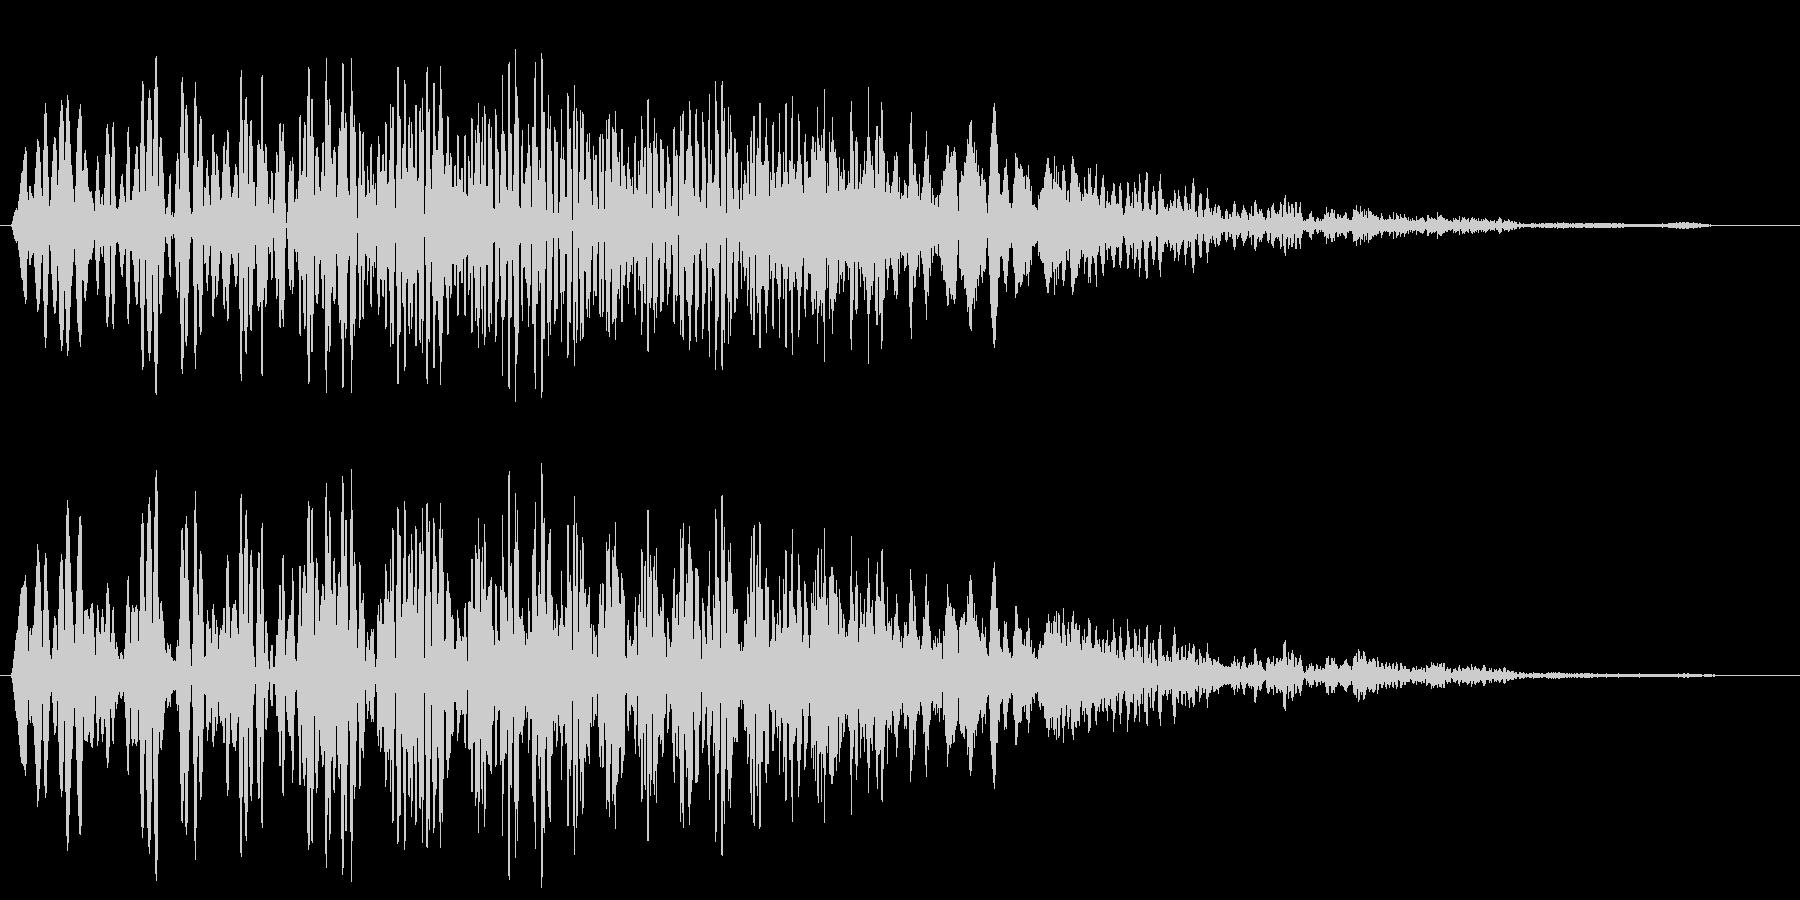 ブーンプシュー (重厚感のある開閉音)の未再生の波形